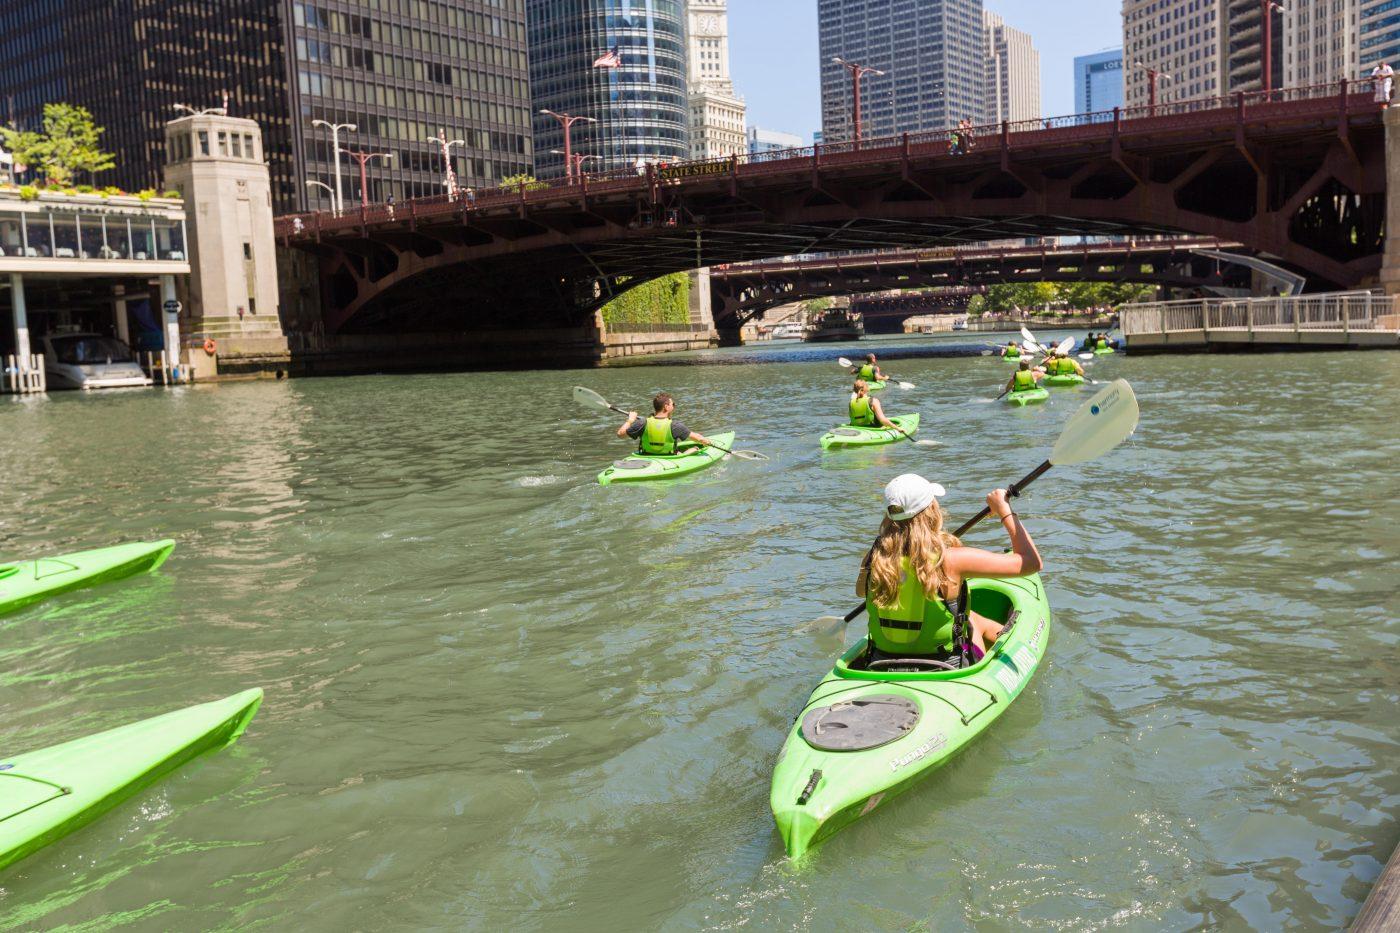 urban mission trip, chicago mission trip, chicago urban adventure serve